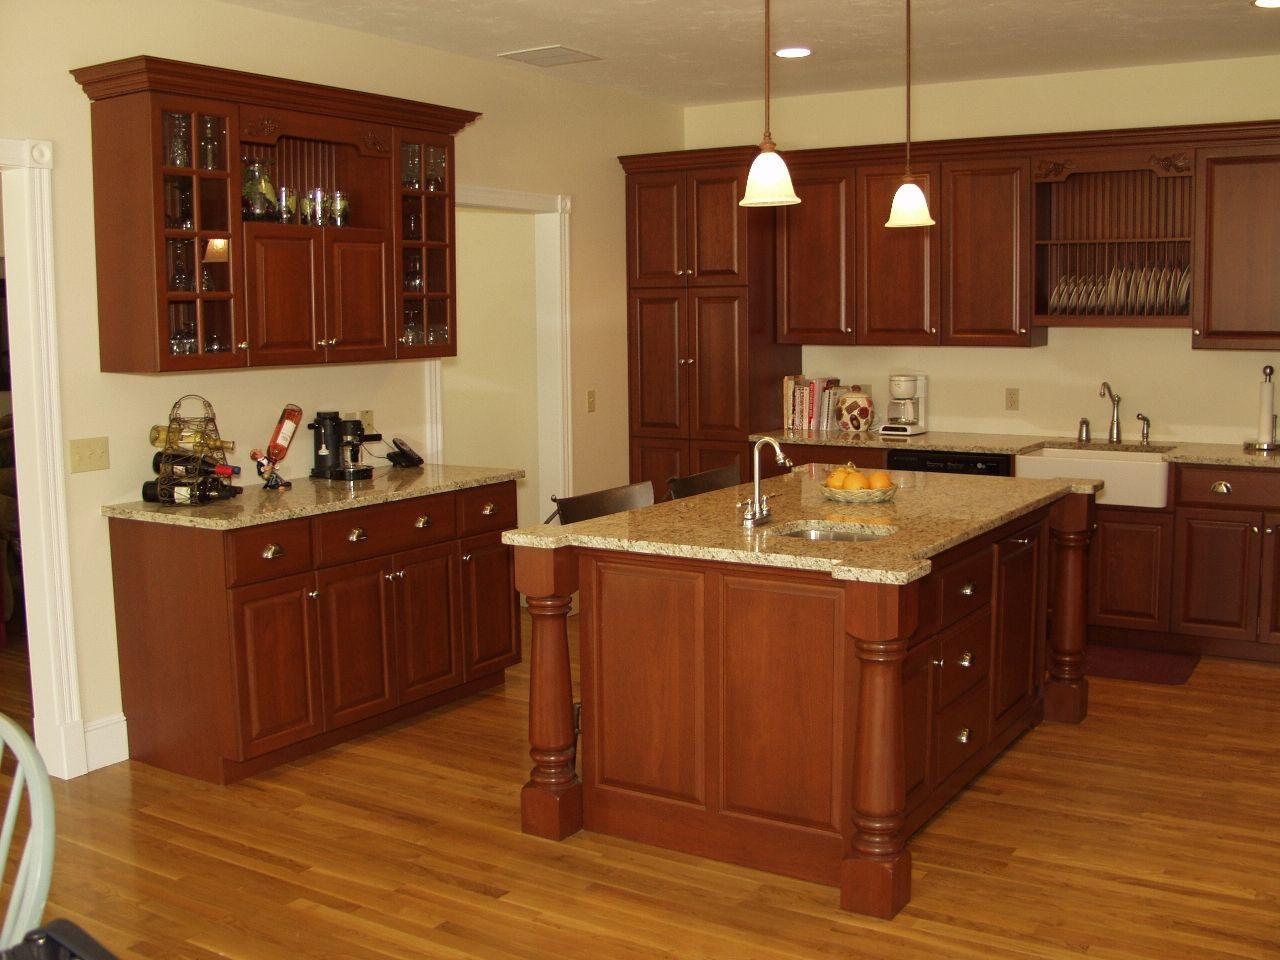 wooden kitchen countertops Kitchen Quartz Countertops With Oak Cabinets Cabinets With White Quartz Countertops Quartz Countertop With Cabinet